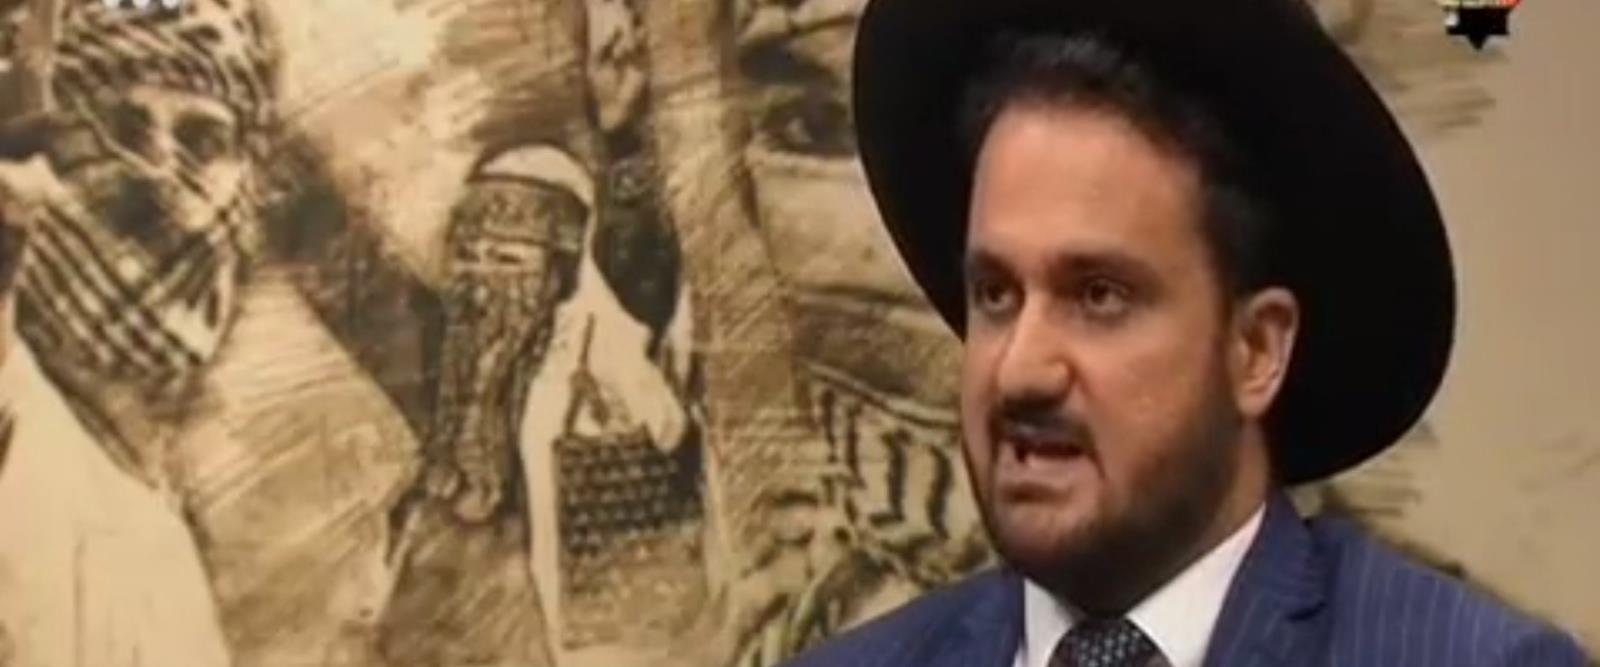 רב הקהילה היהודית באיראן יהודה גראמי